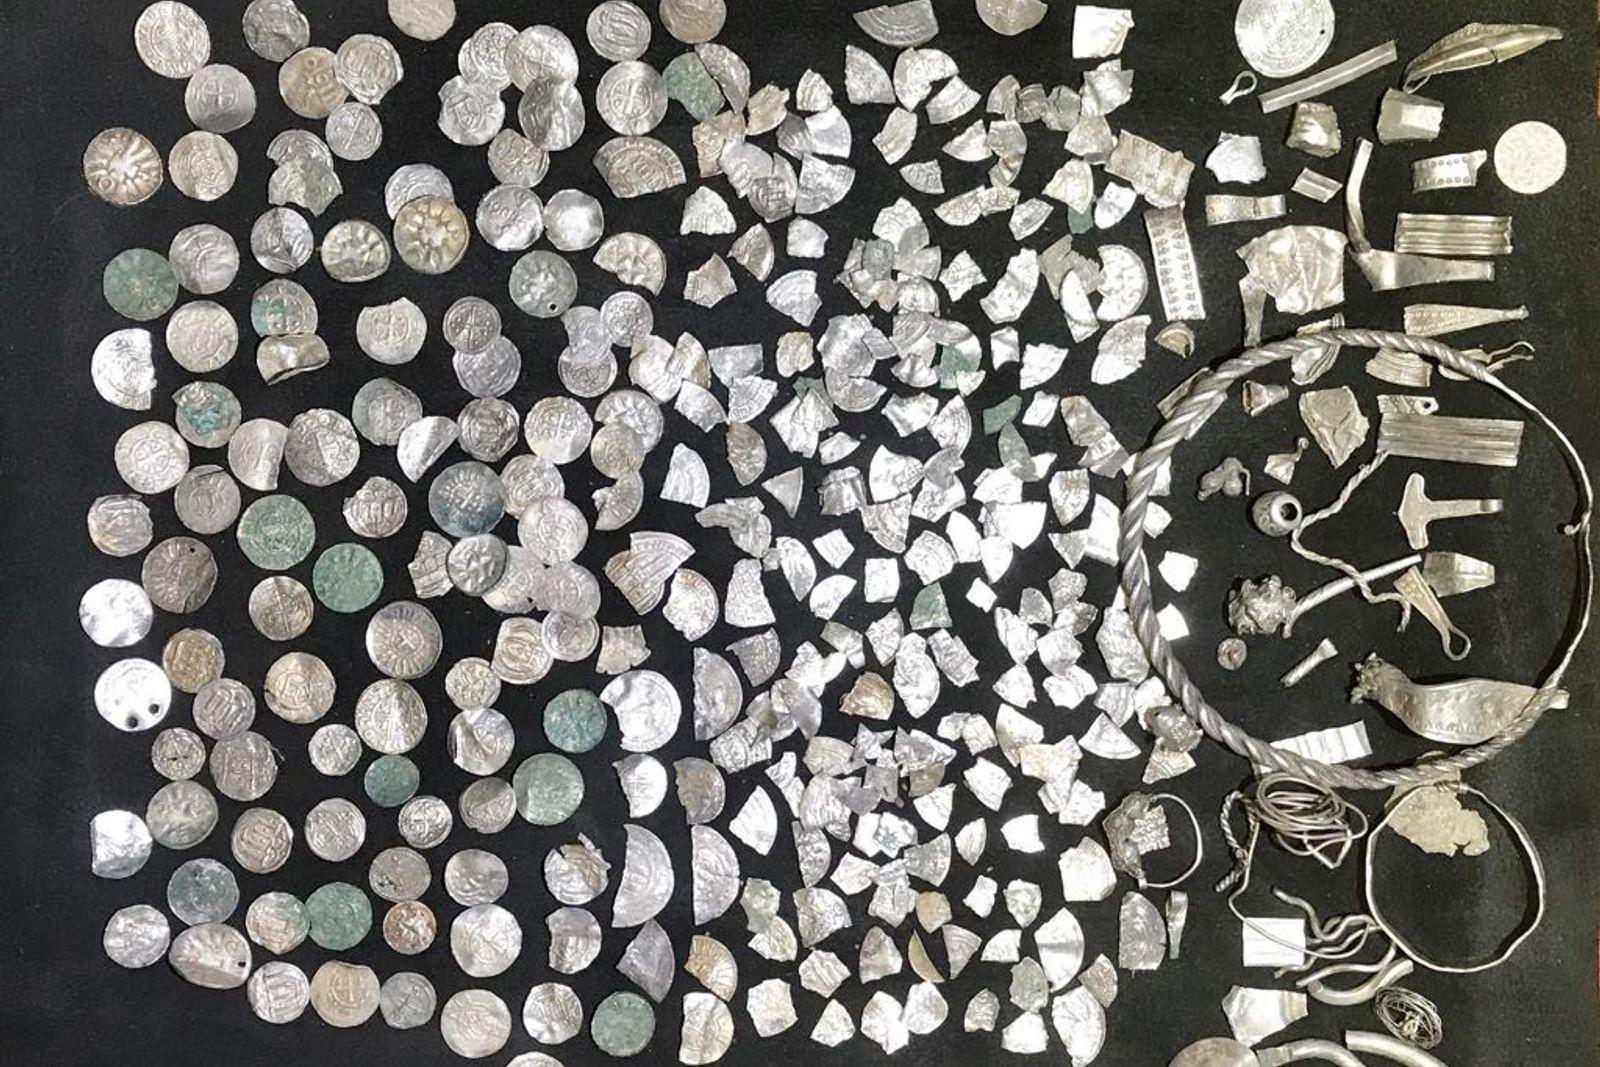 Der am vergangenen Wochenende geborgene Hortfund von Schaprode.